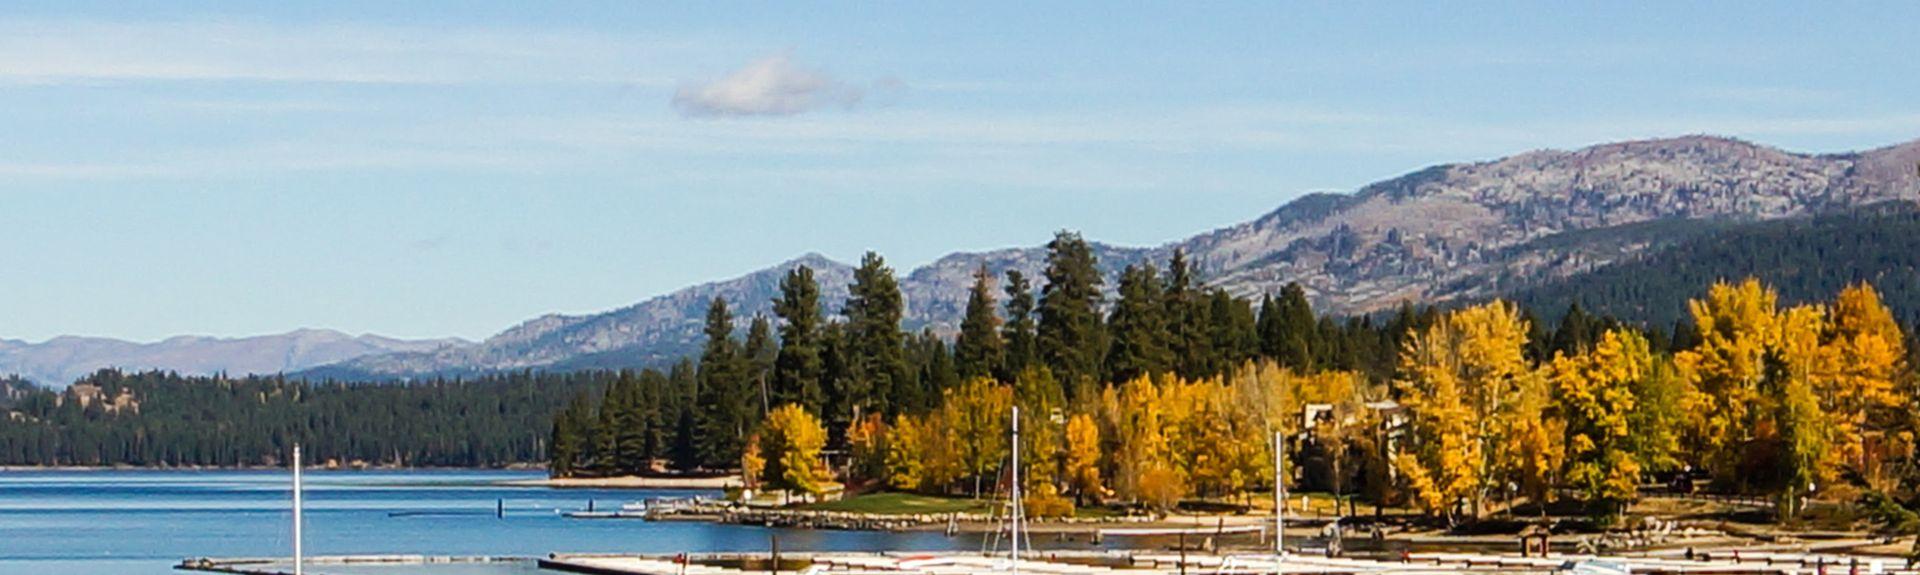 Aspen Village (Payette Lake, Idaho, United States)